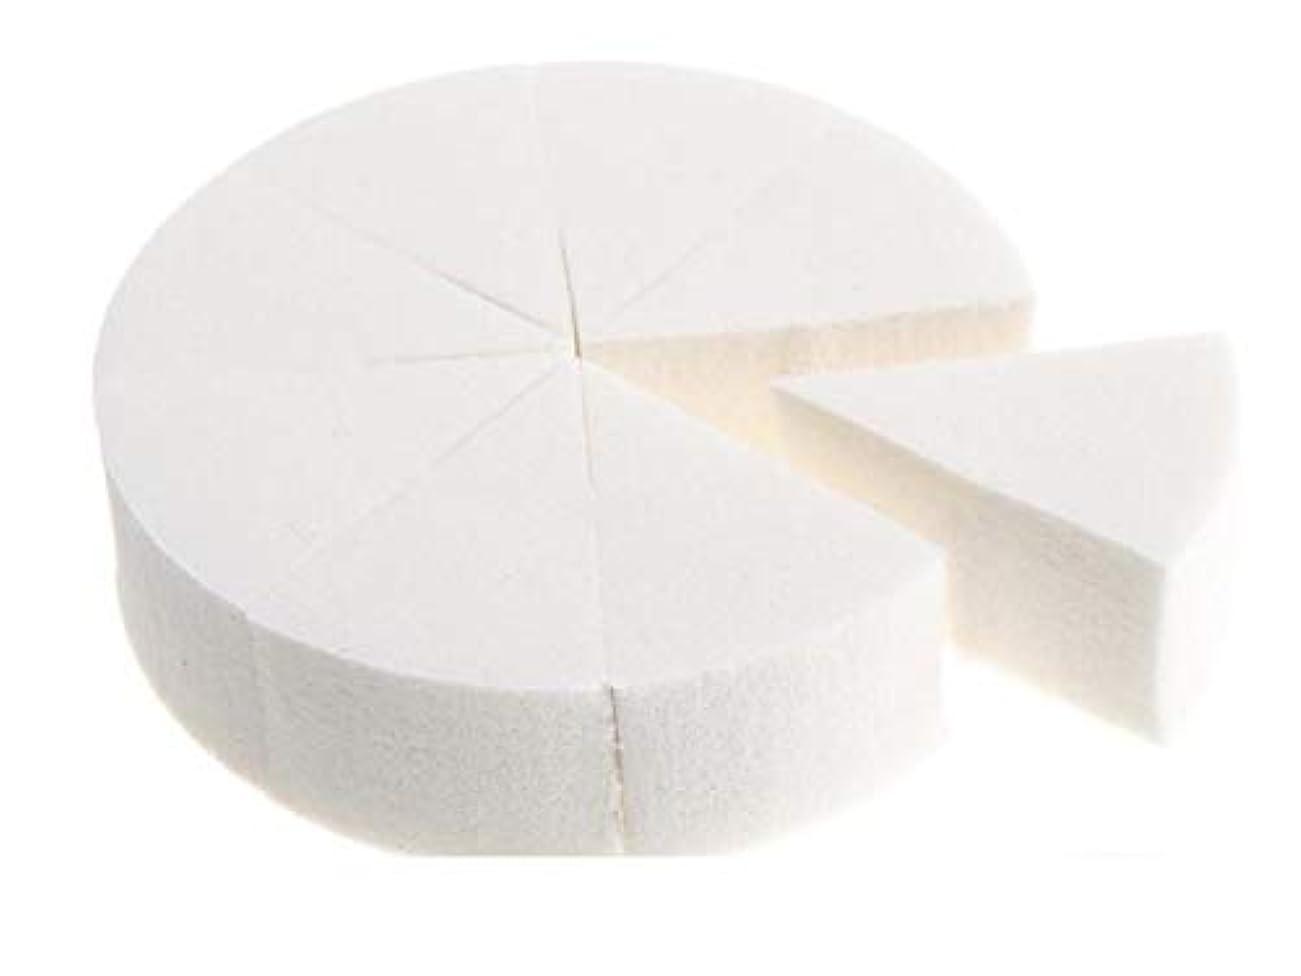 欠如刺す種類美容スポンジ、柔らかい8部分の三角形の構造のスポンジのパフの構造のミキサー (Color : ホワイト)